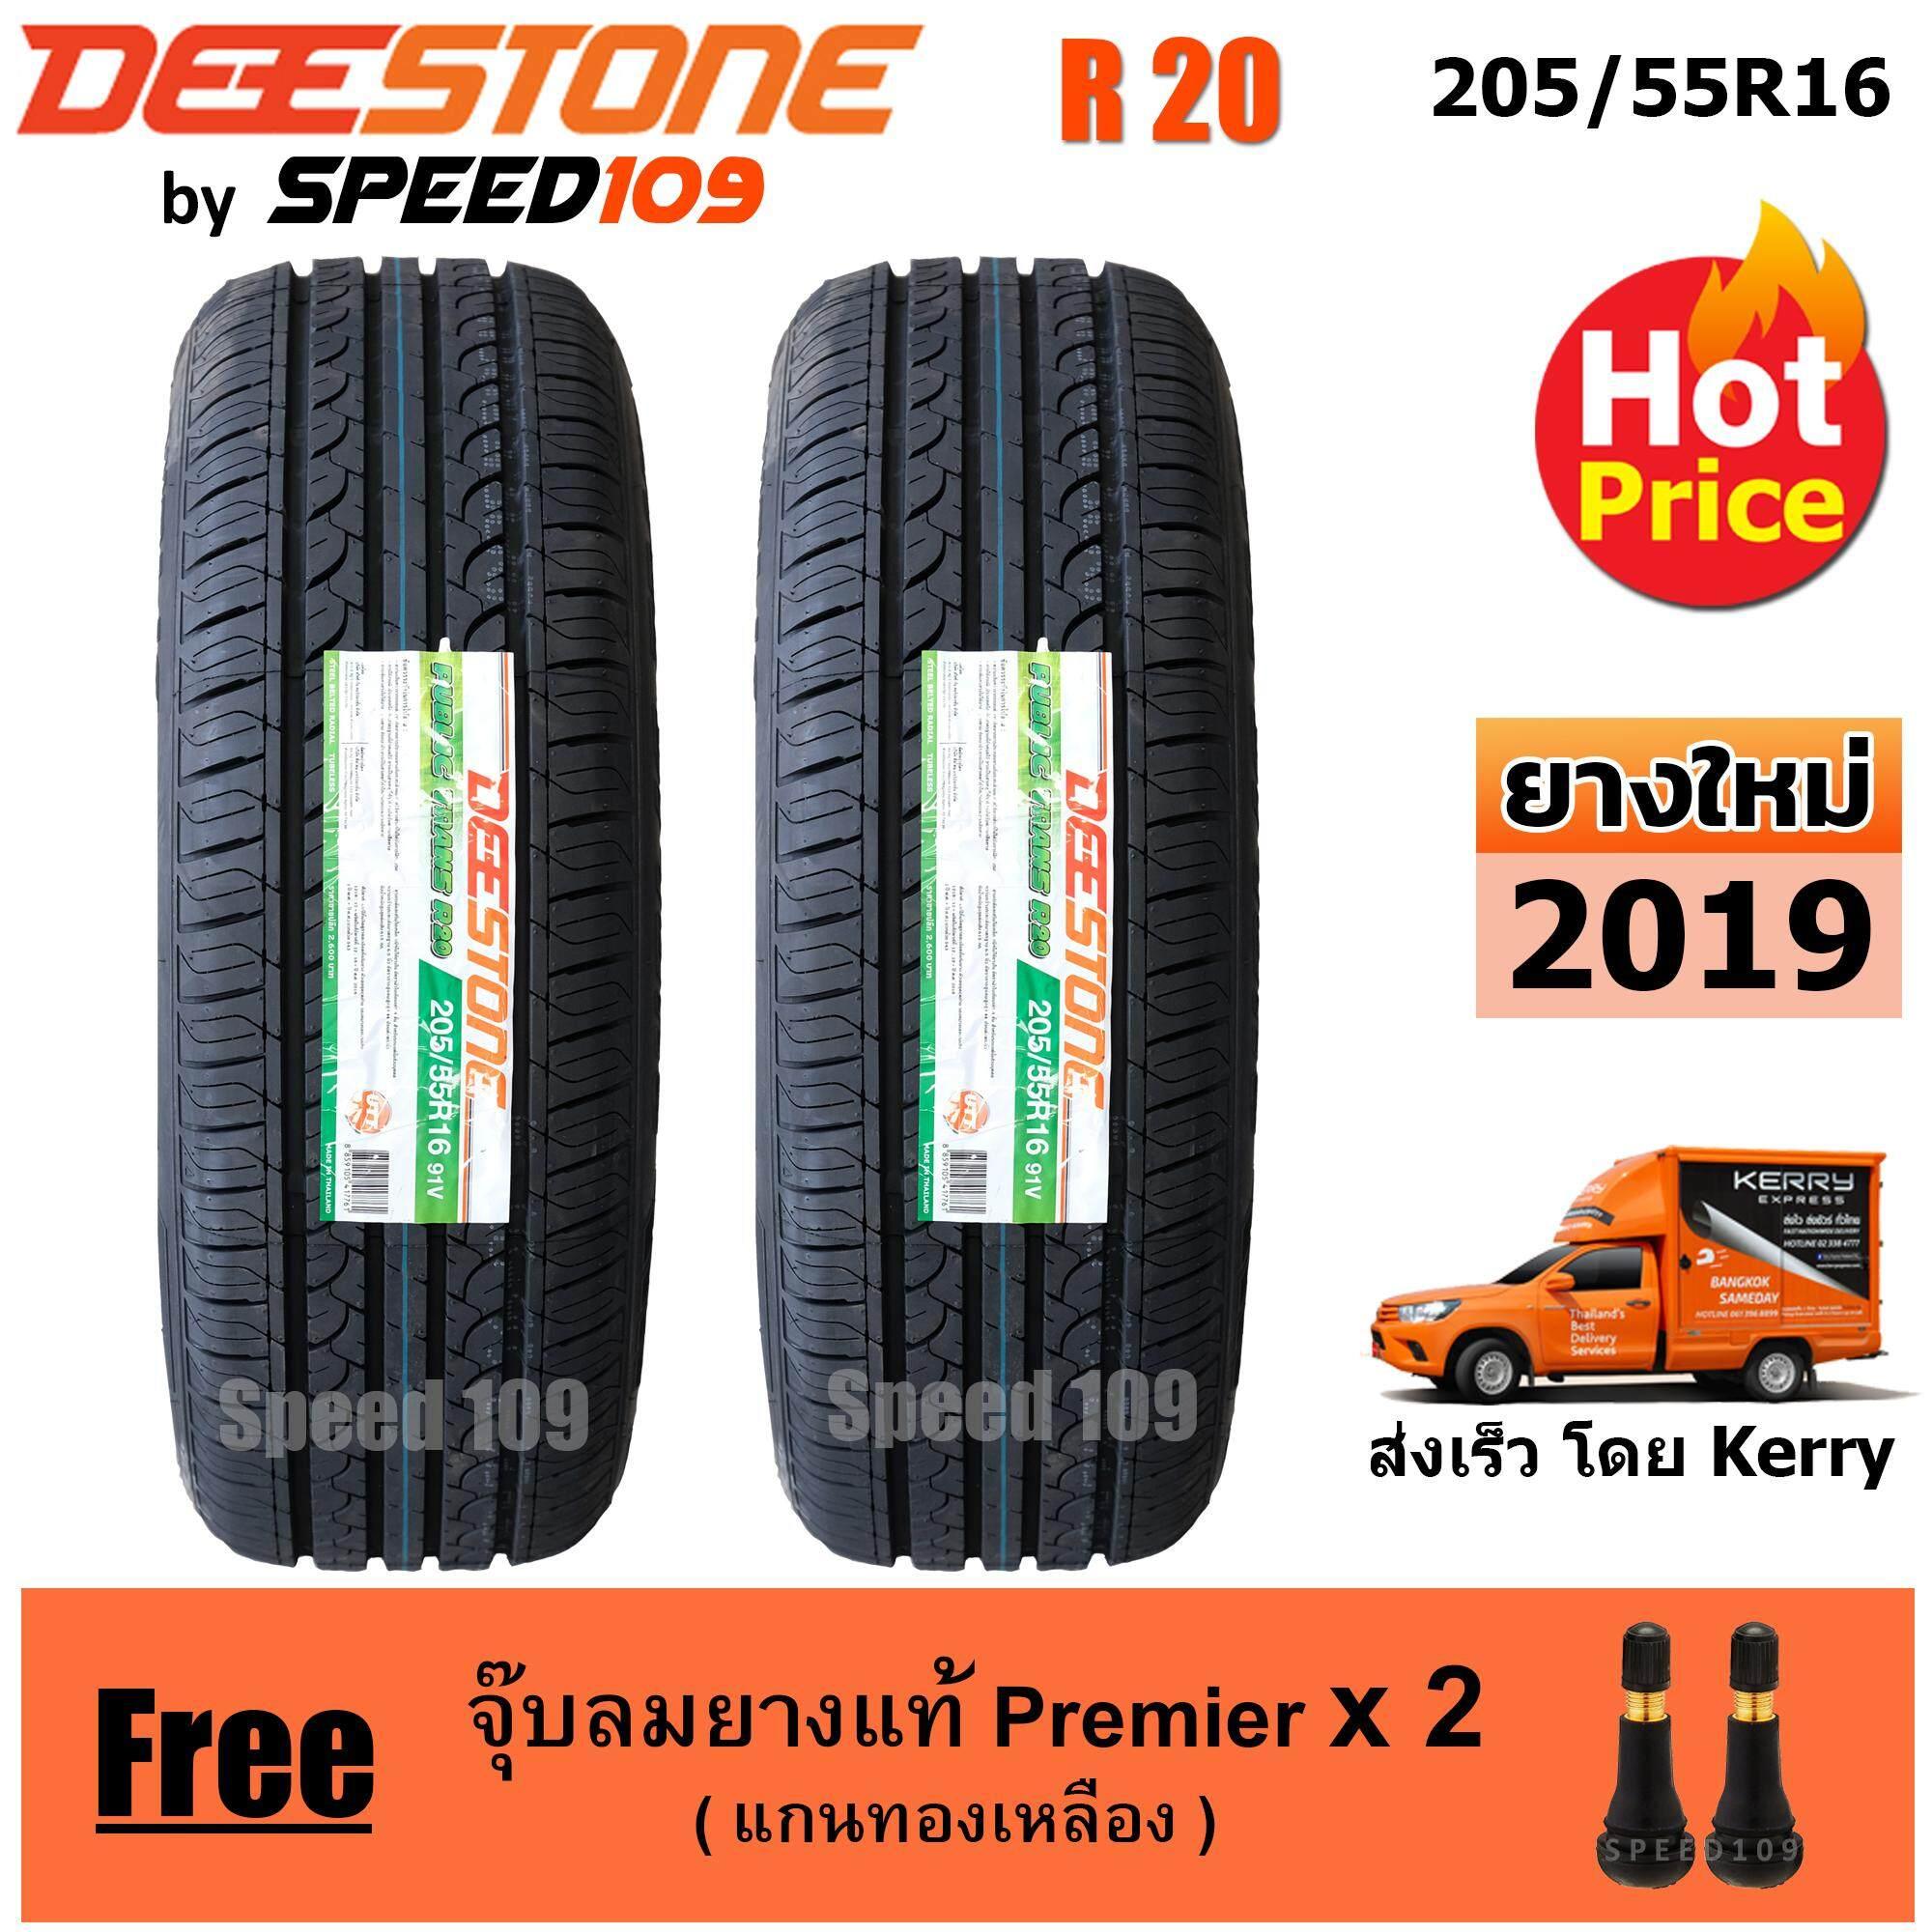 ประกันภัย รถยนต์ 3 พลัส ราคา ถูก ตาก DEESTONE ยางรถยนต์ ขอบ 16 ขนาด 205/55R16 รุ่น R20 - 2 เส้น (ปี 2019)